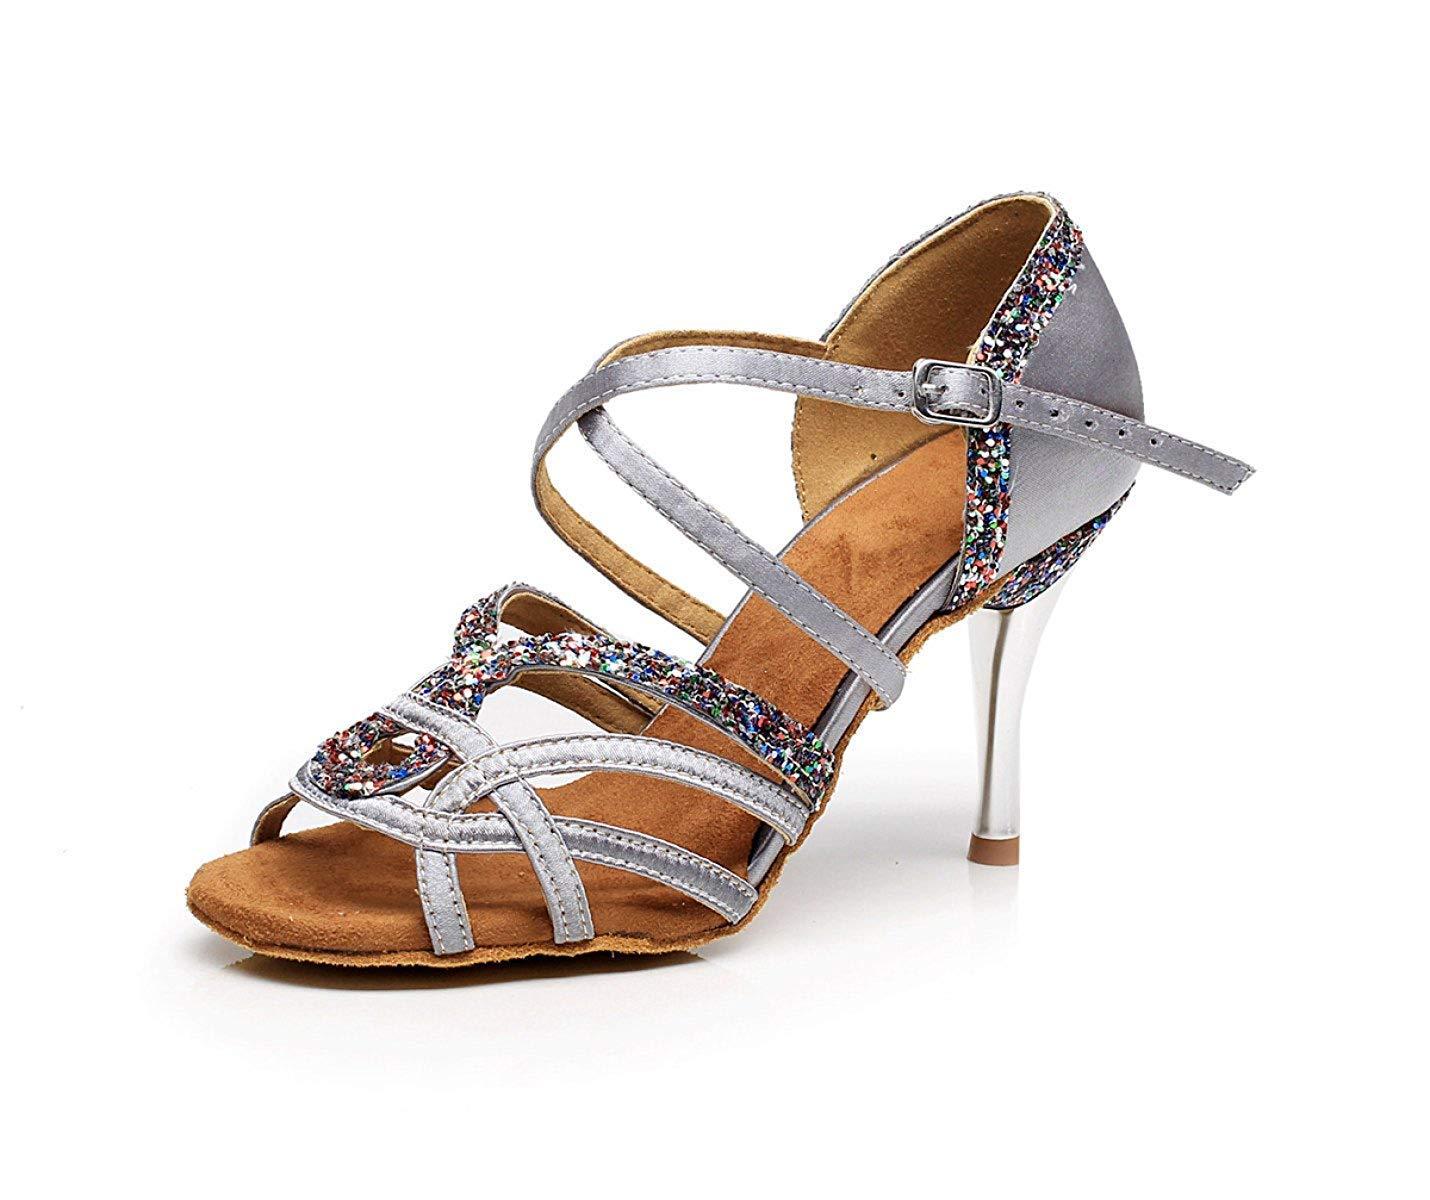 Tanzschuhe Frauen Für Latin Ballsaal Salsa Floral Satin Tango Chacha Samba Modern Jazz Schuhe Sandalen High Heels Silber-Absatz7.5cm-UK4   EU35   Our36